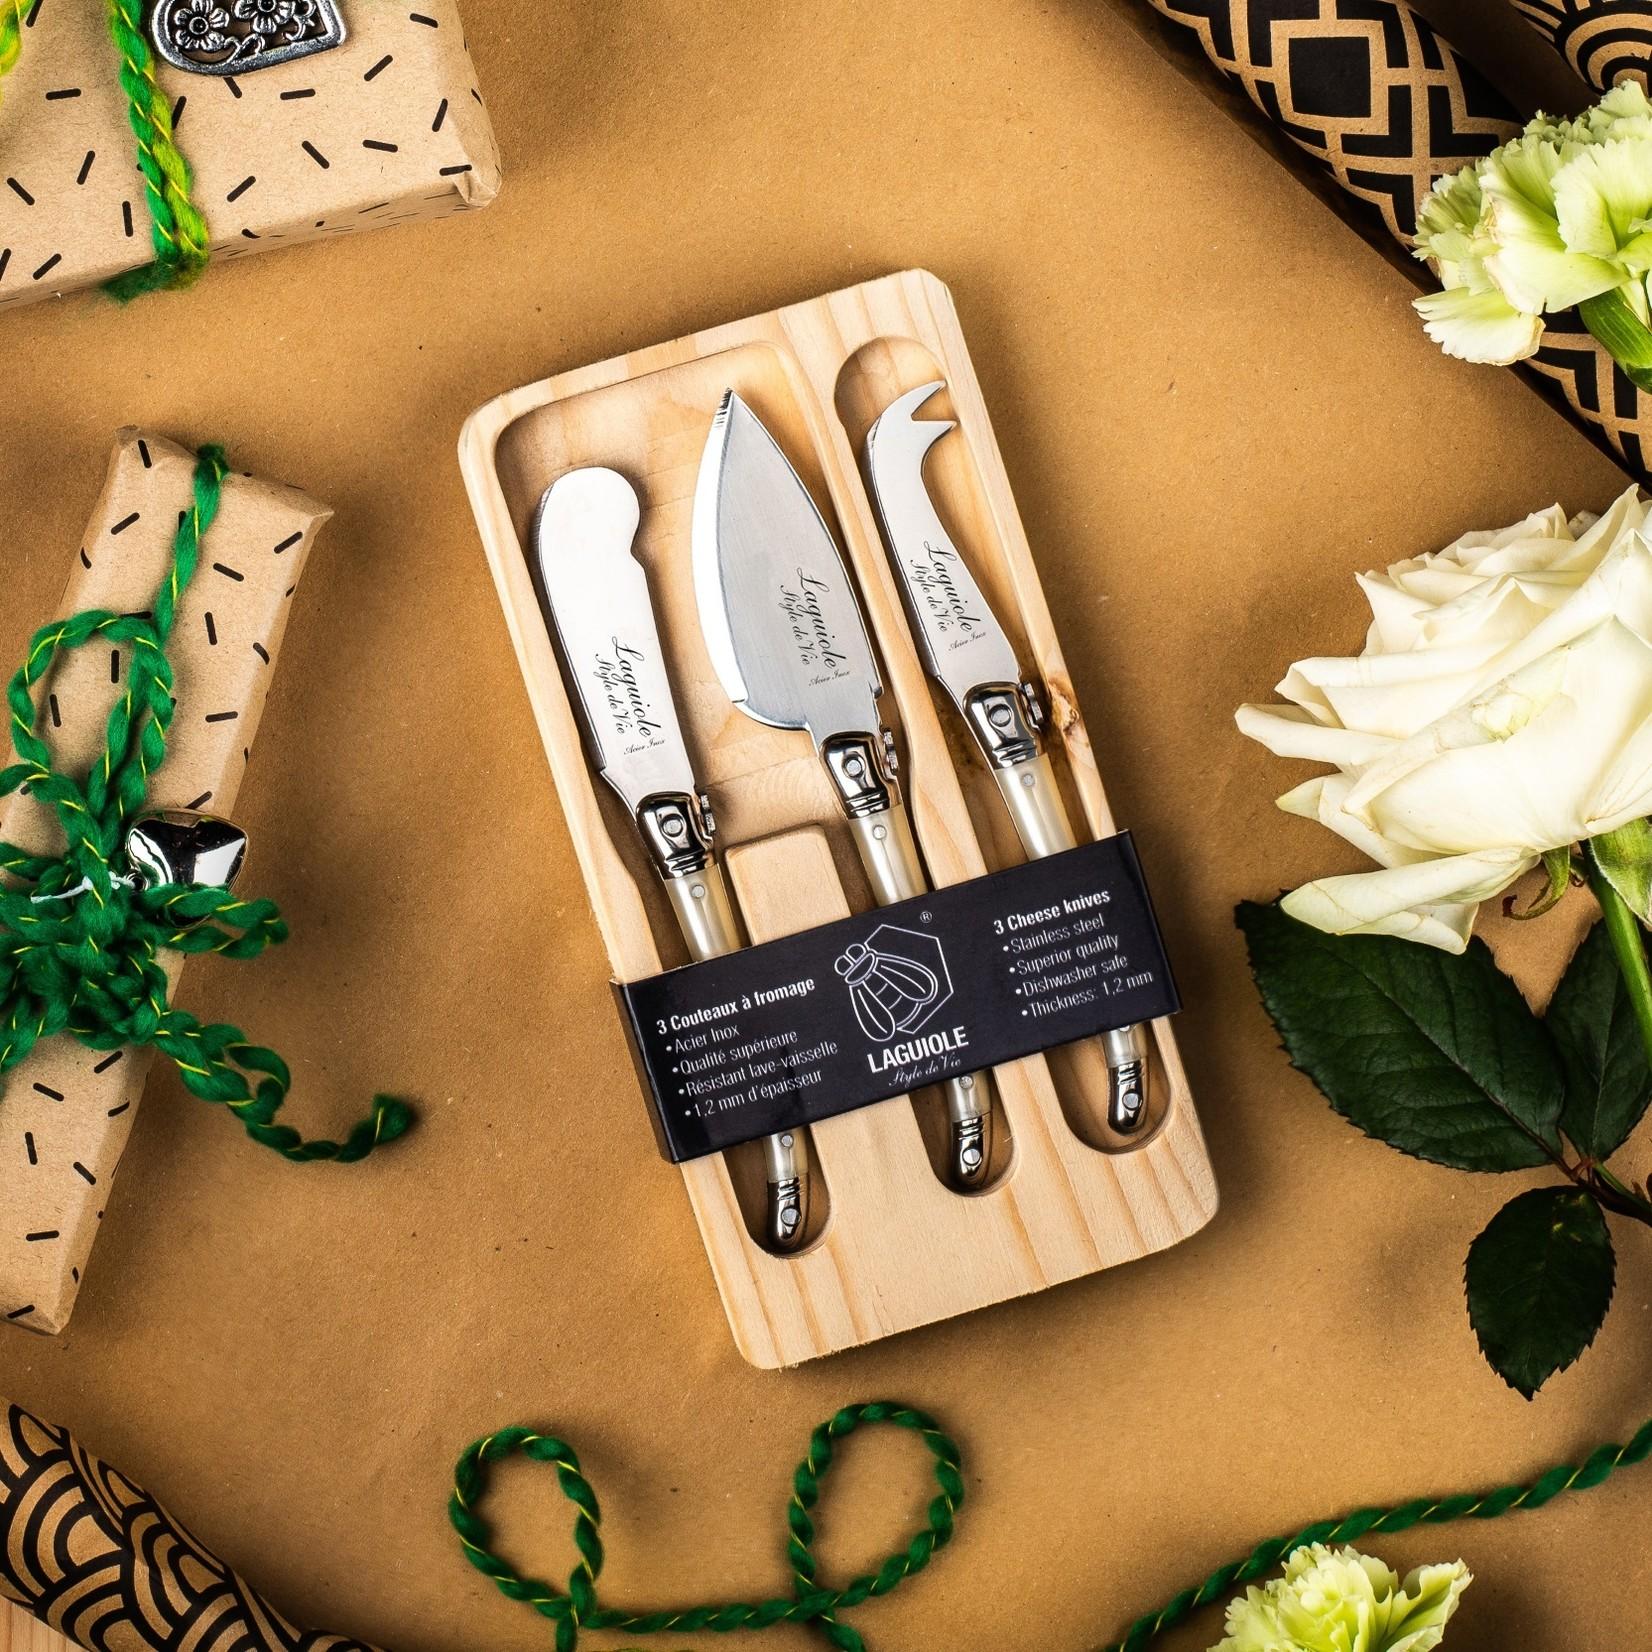 Laguiole Style de Vie Laguiole Style de Vie Premium Line kaasmessenset 3-delig parelmoer